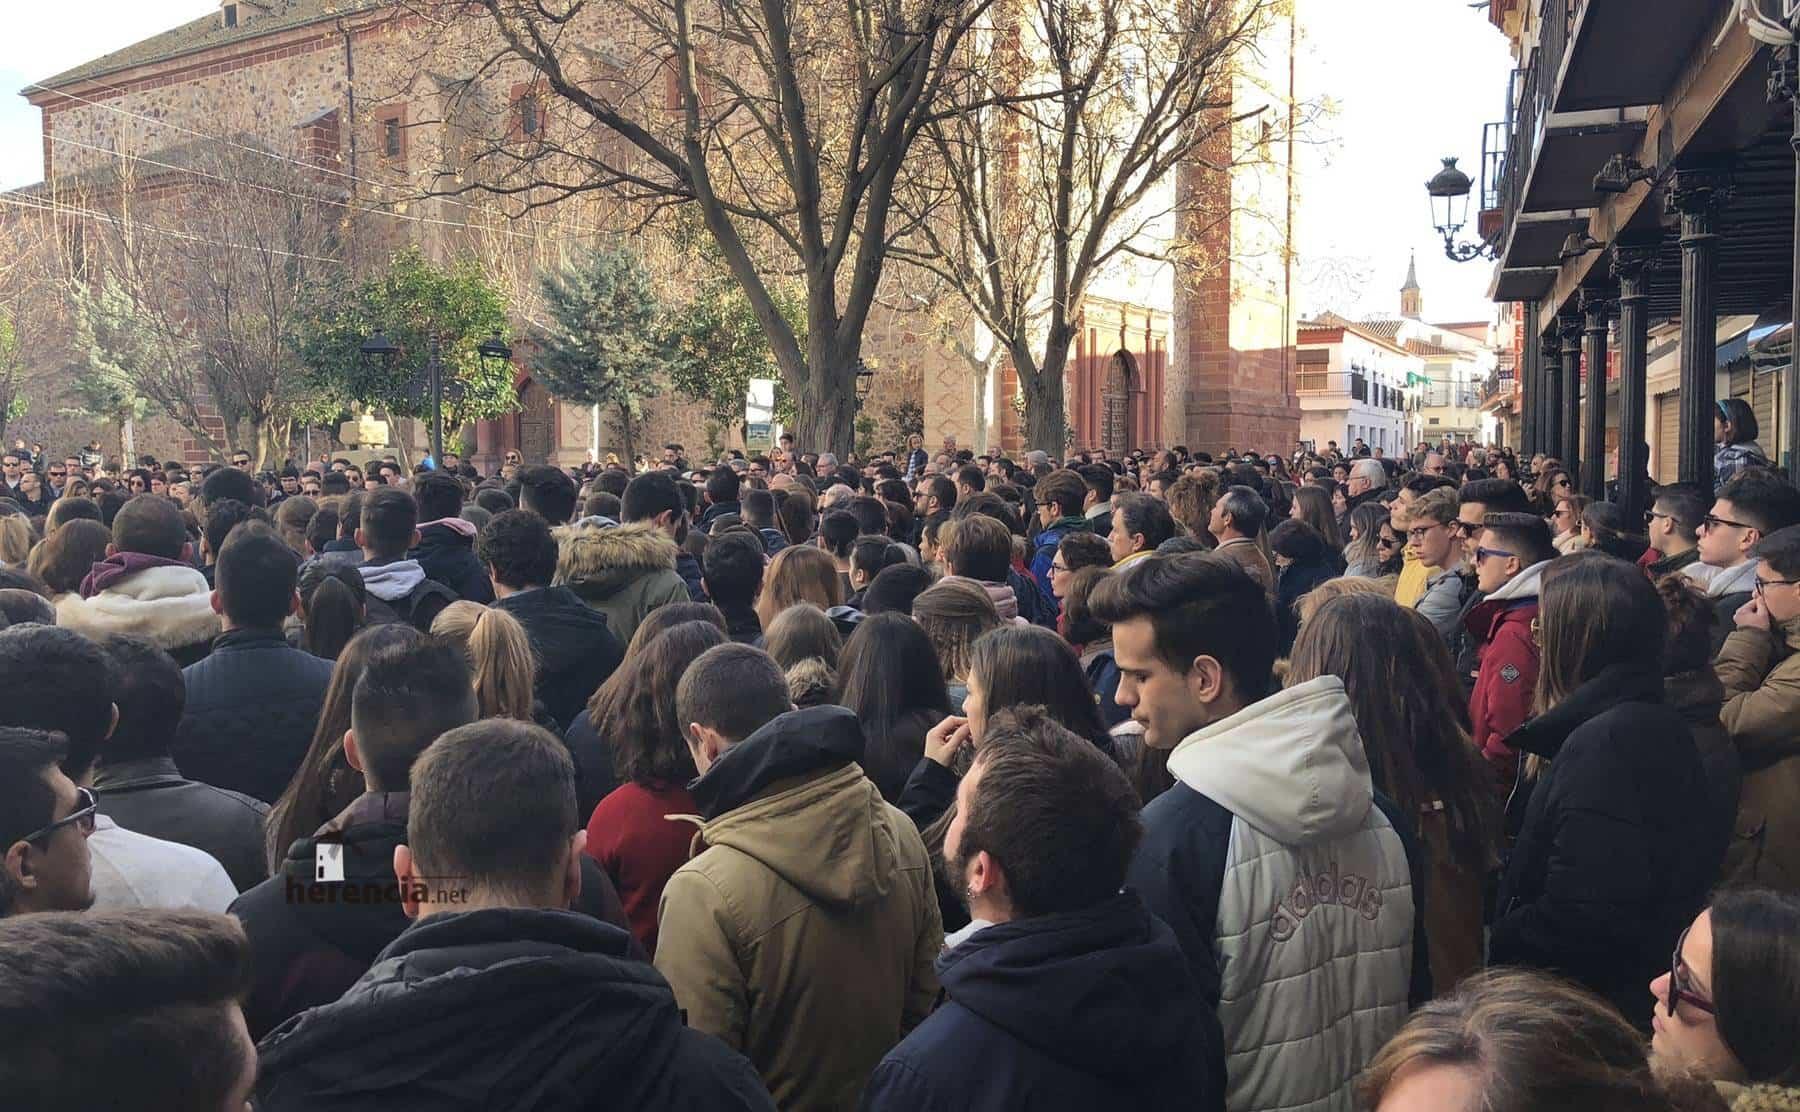 silencia contra violencia herencia 1 - Herencia muestra su condena a la violencia en la Plaza de España